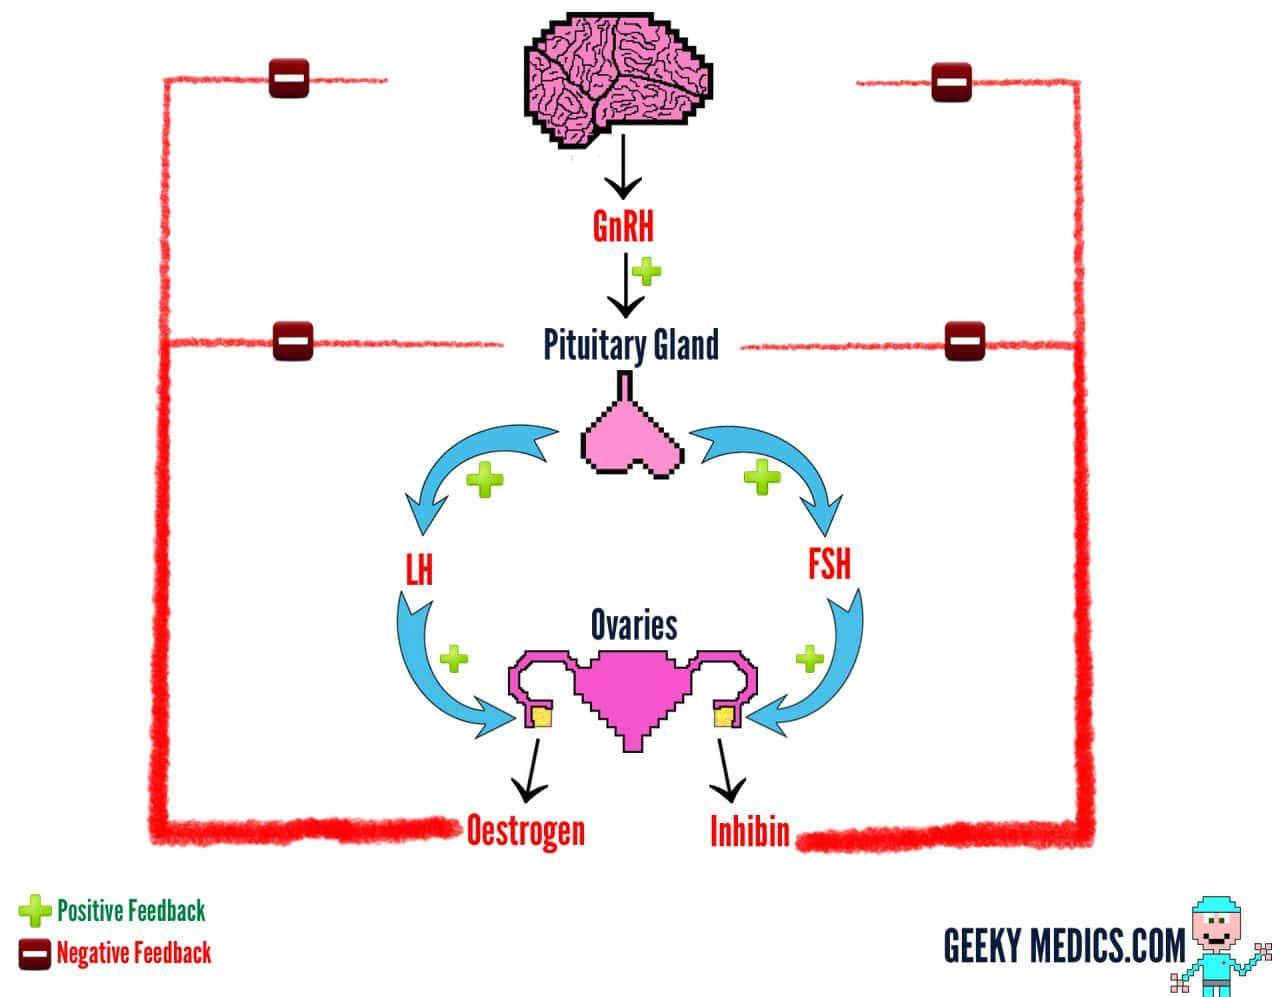 Gnrh Feedback Loop: The Menstrual Cycle